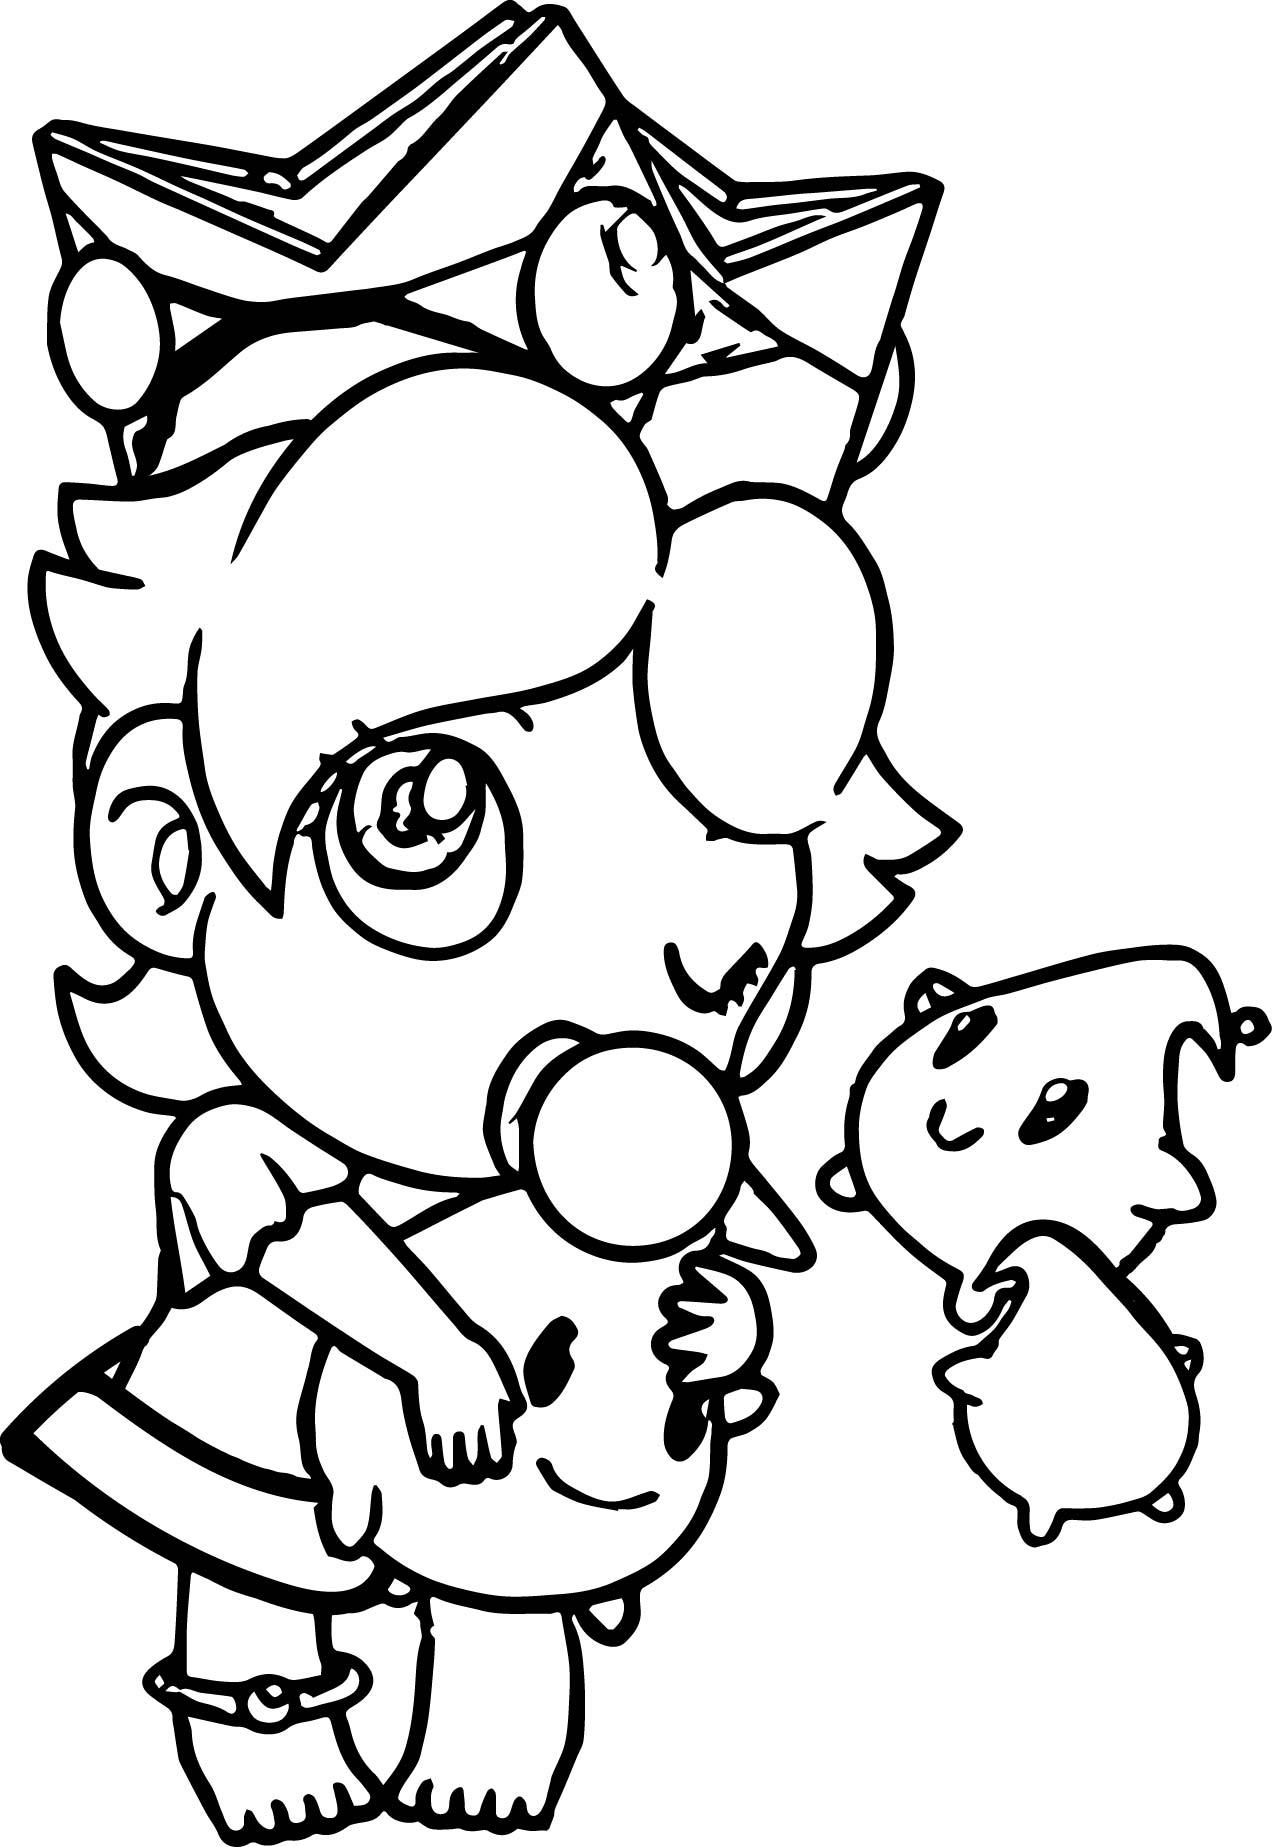 1272x1847 Baby Rosalina Peach Daisy And Rosalina As Babies Coloring Page